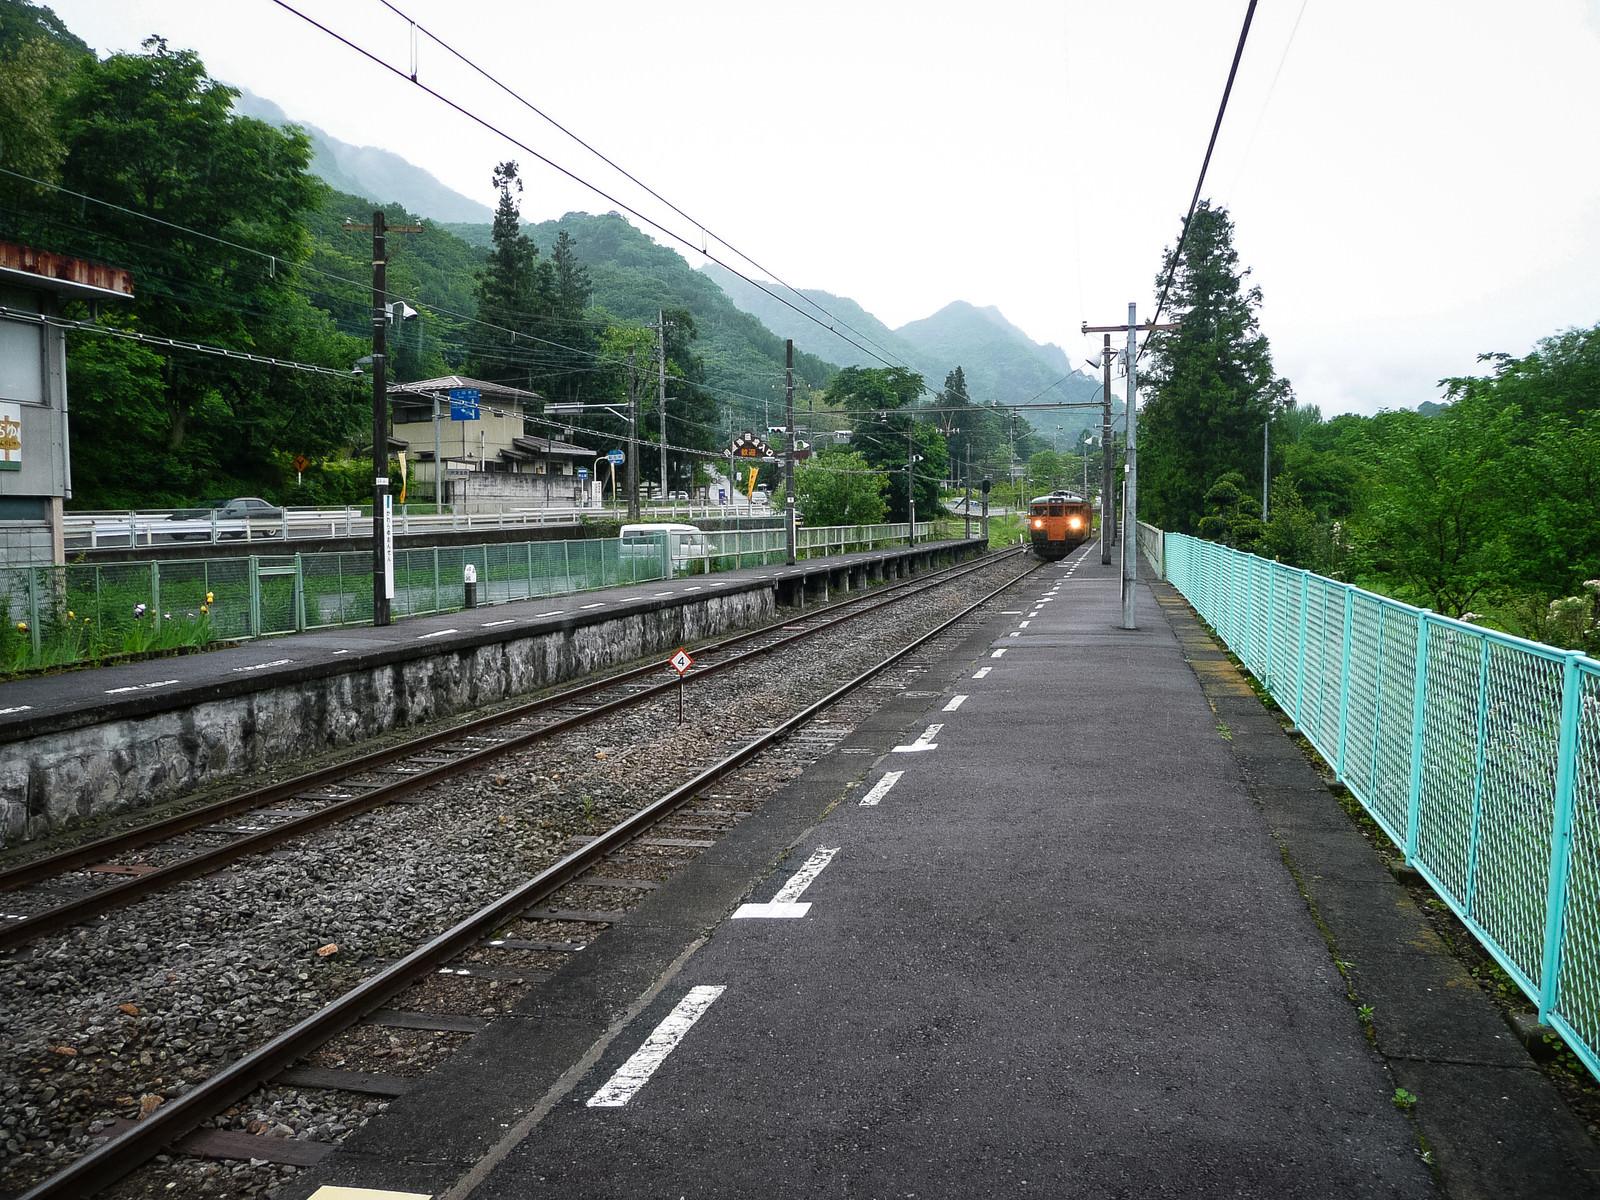 「旧川原湯温泉駅ホームとJR吾妻線 」の写真